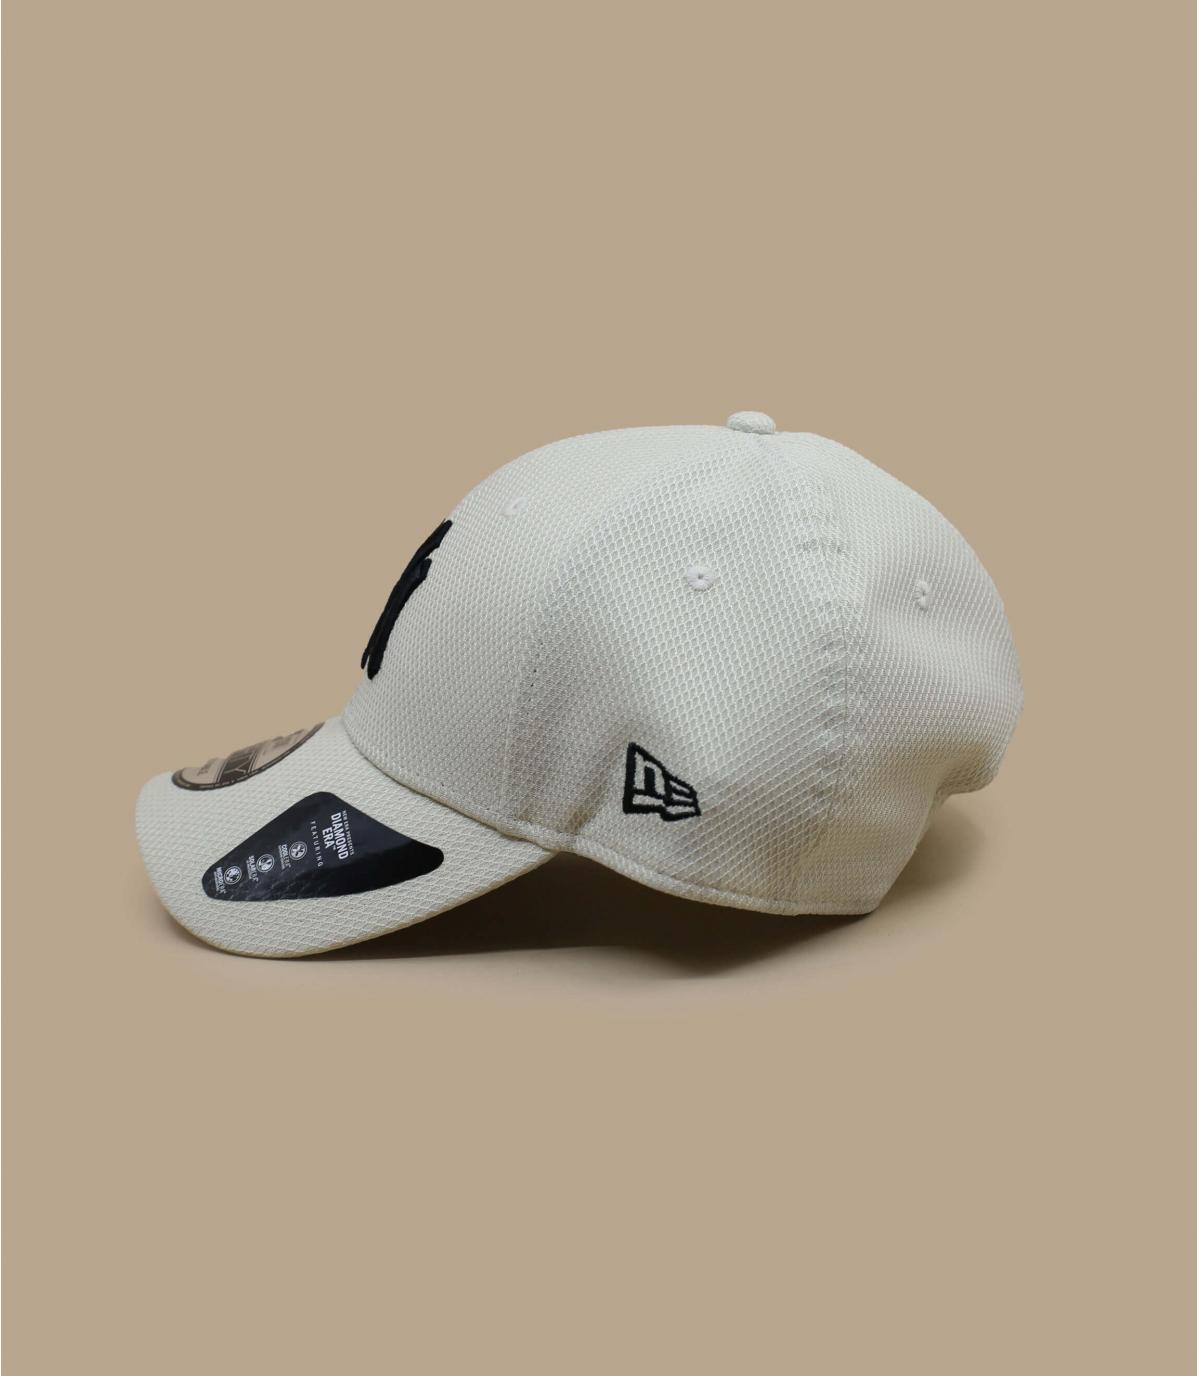 Detalles Diamond 940 NY beige black imagen 3